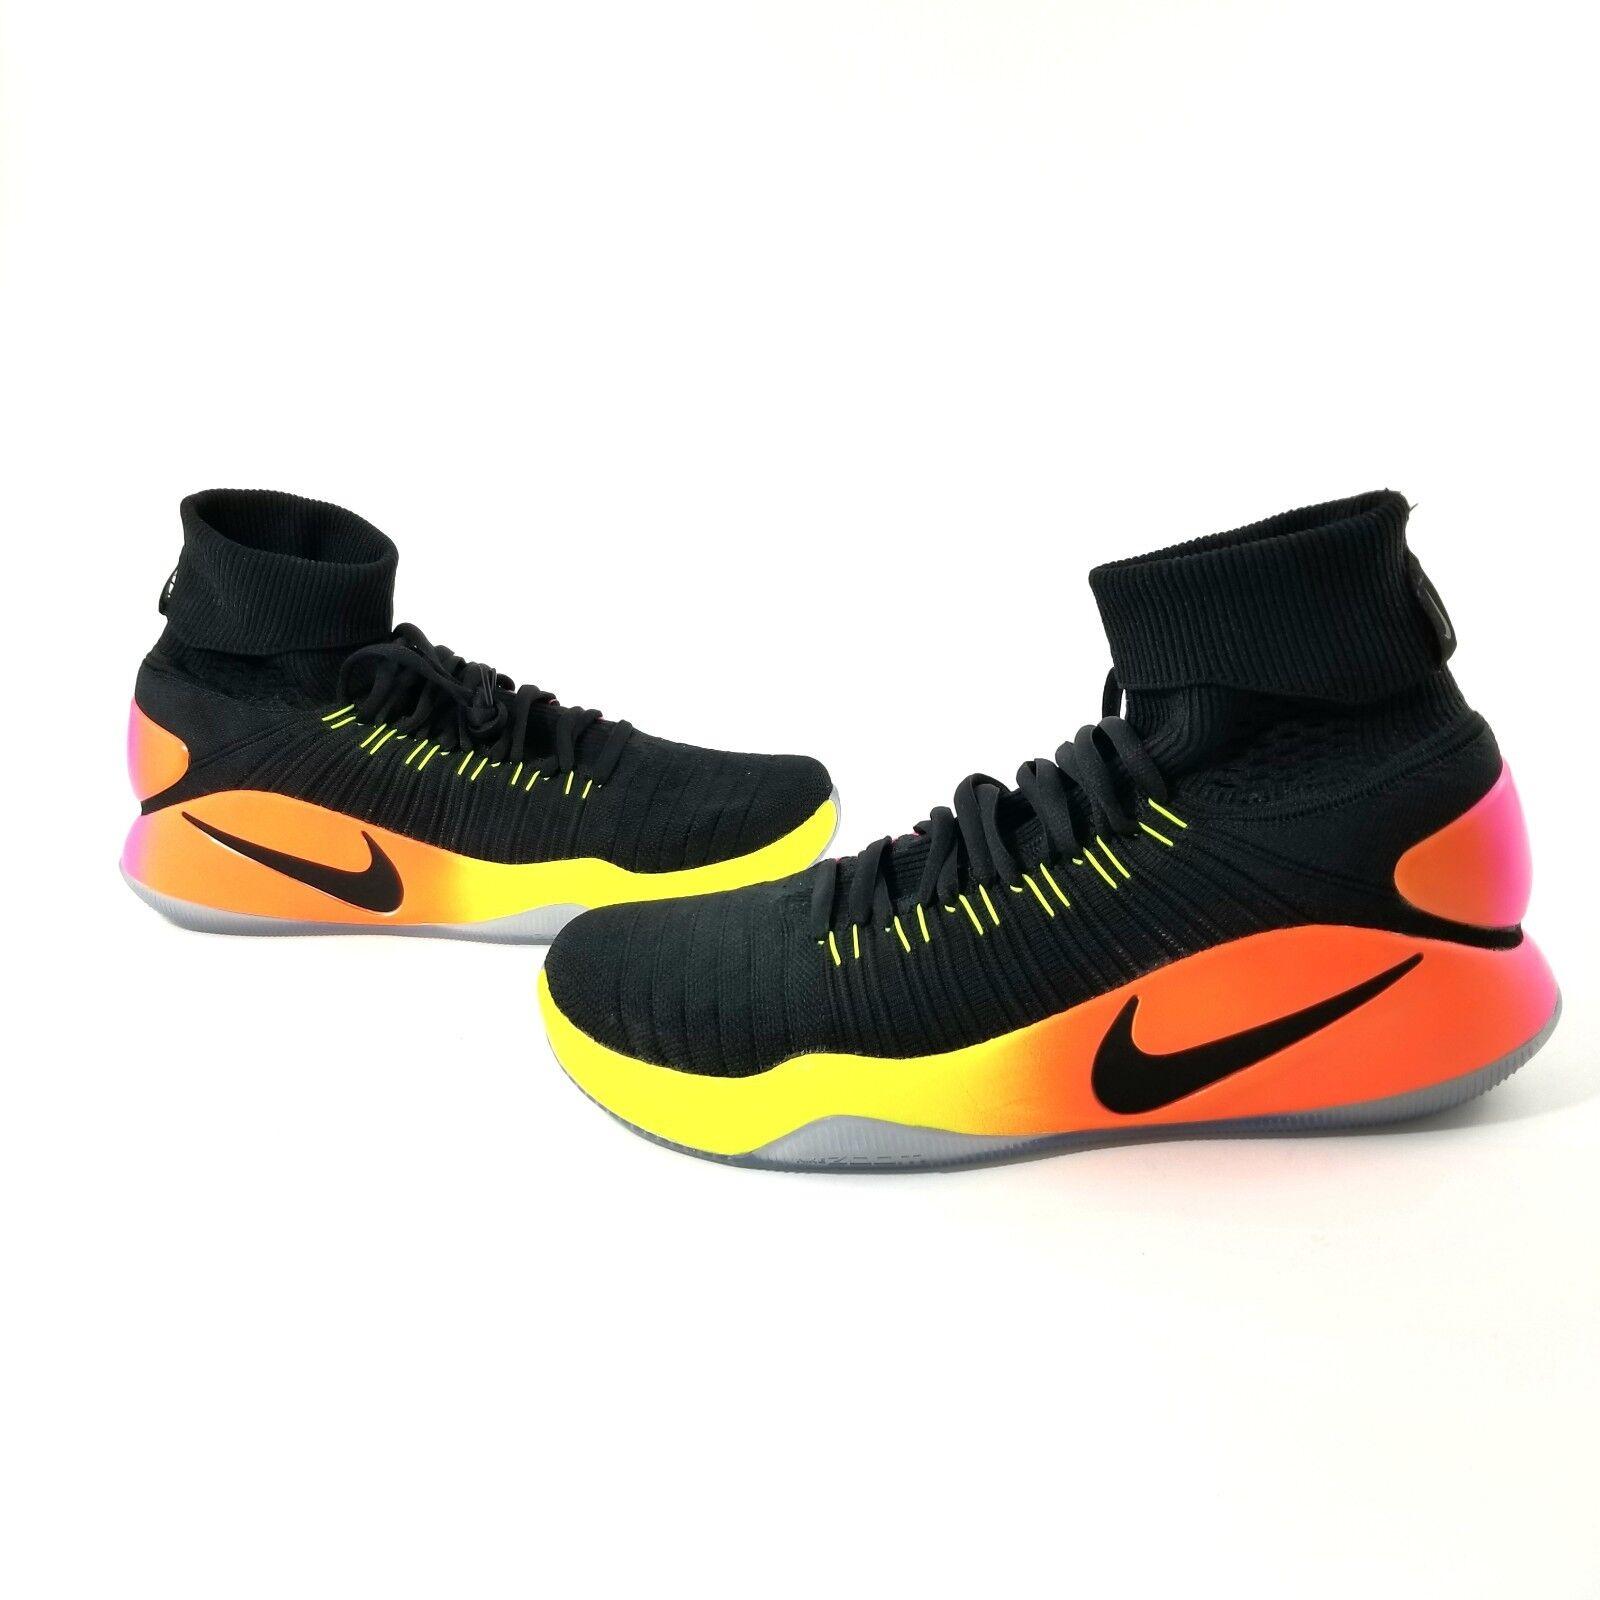 Nike illimitata hyperdunk 2016 fk illimitata Nike 843390-017 nero arancione flyknit racer sz13 volt. a972fd